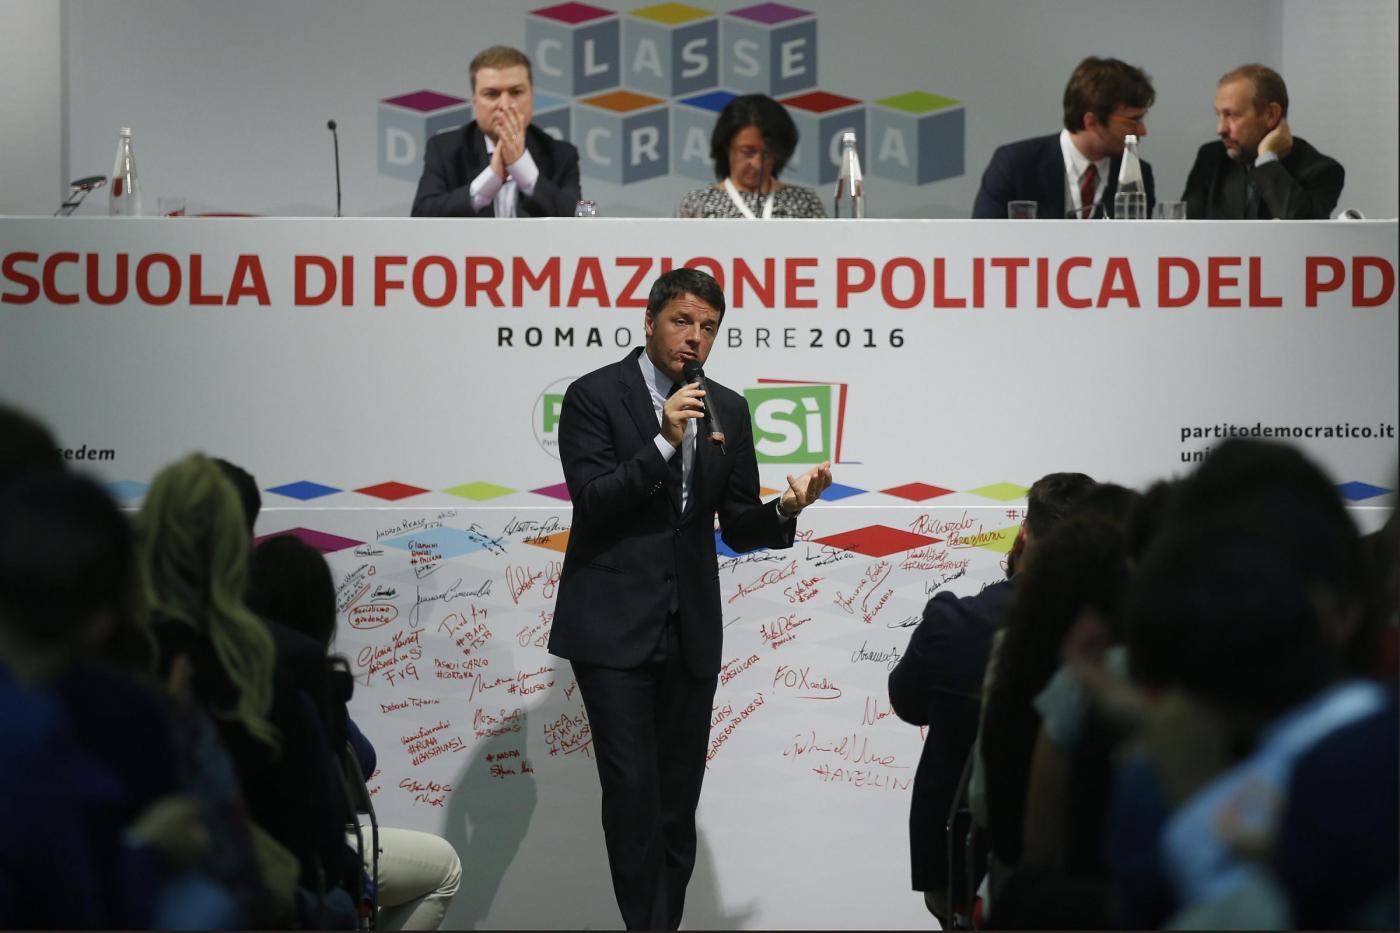 Matteo Renzi partecipa a Classe dem, la Scuola di formazione politica del Pd